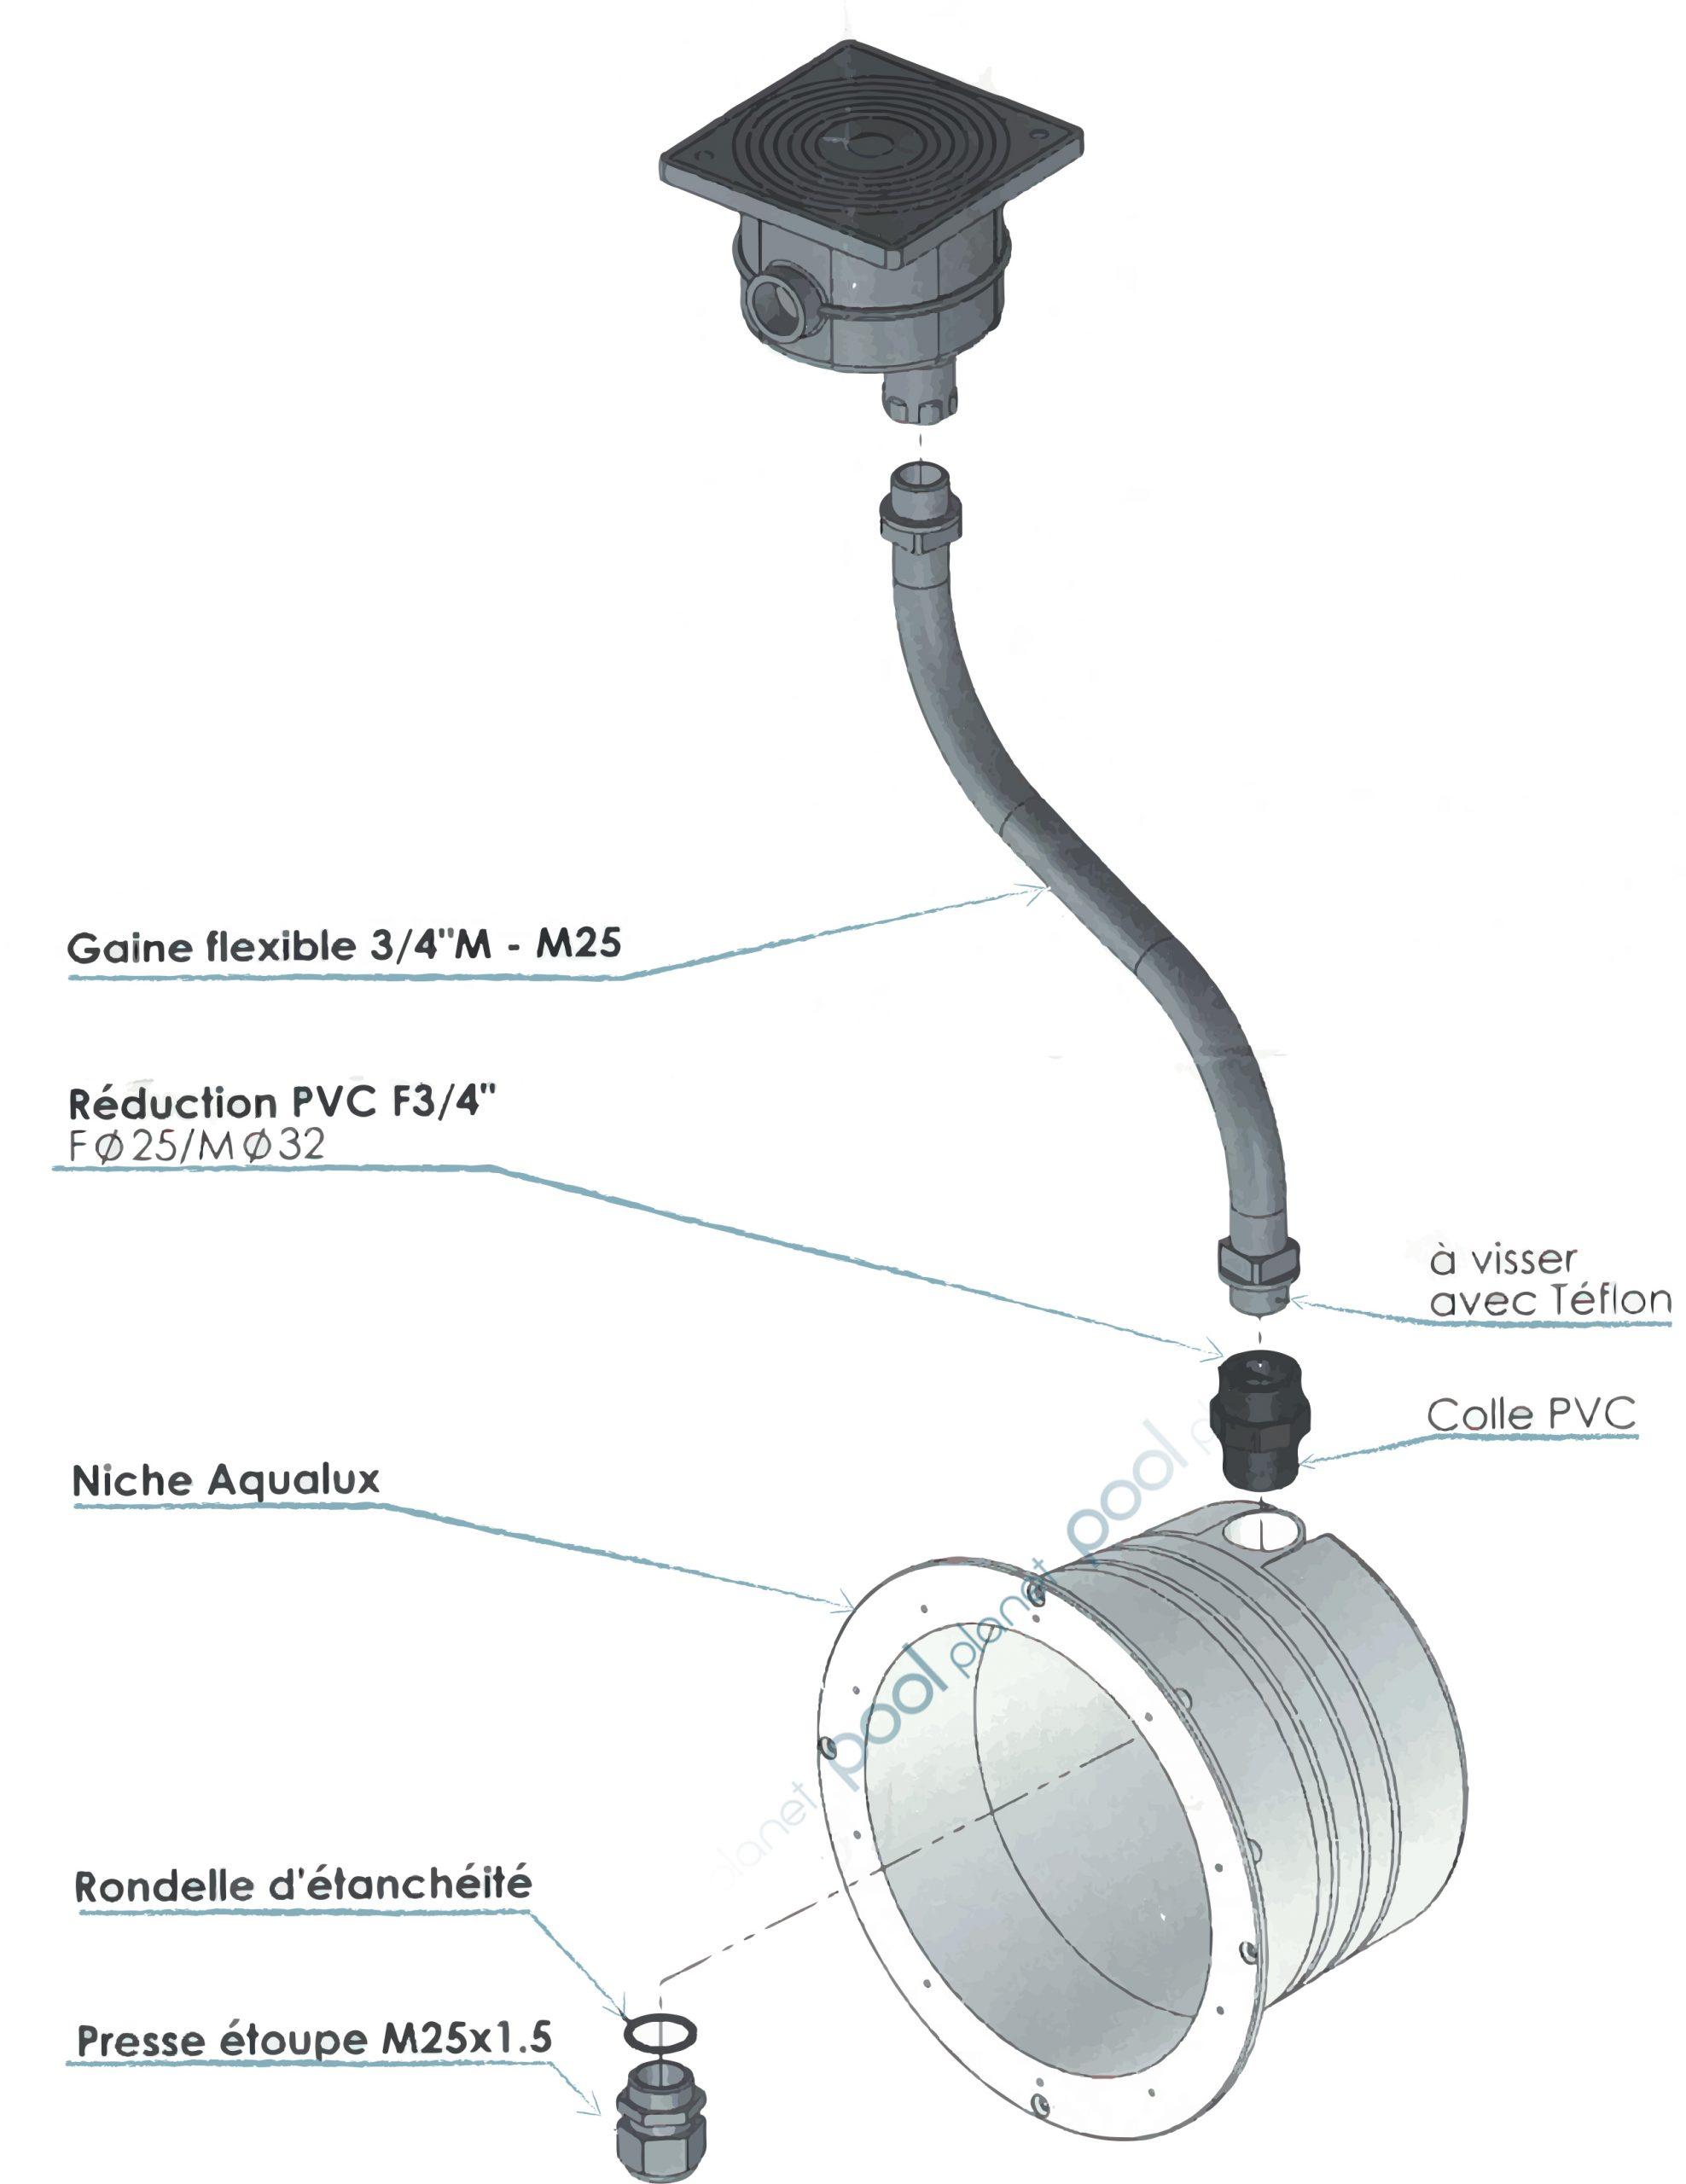 Niche Aqualux Par 56 Pour Revêtement En Liner avec Projecteur Led Piscine Par 56